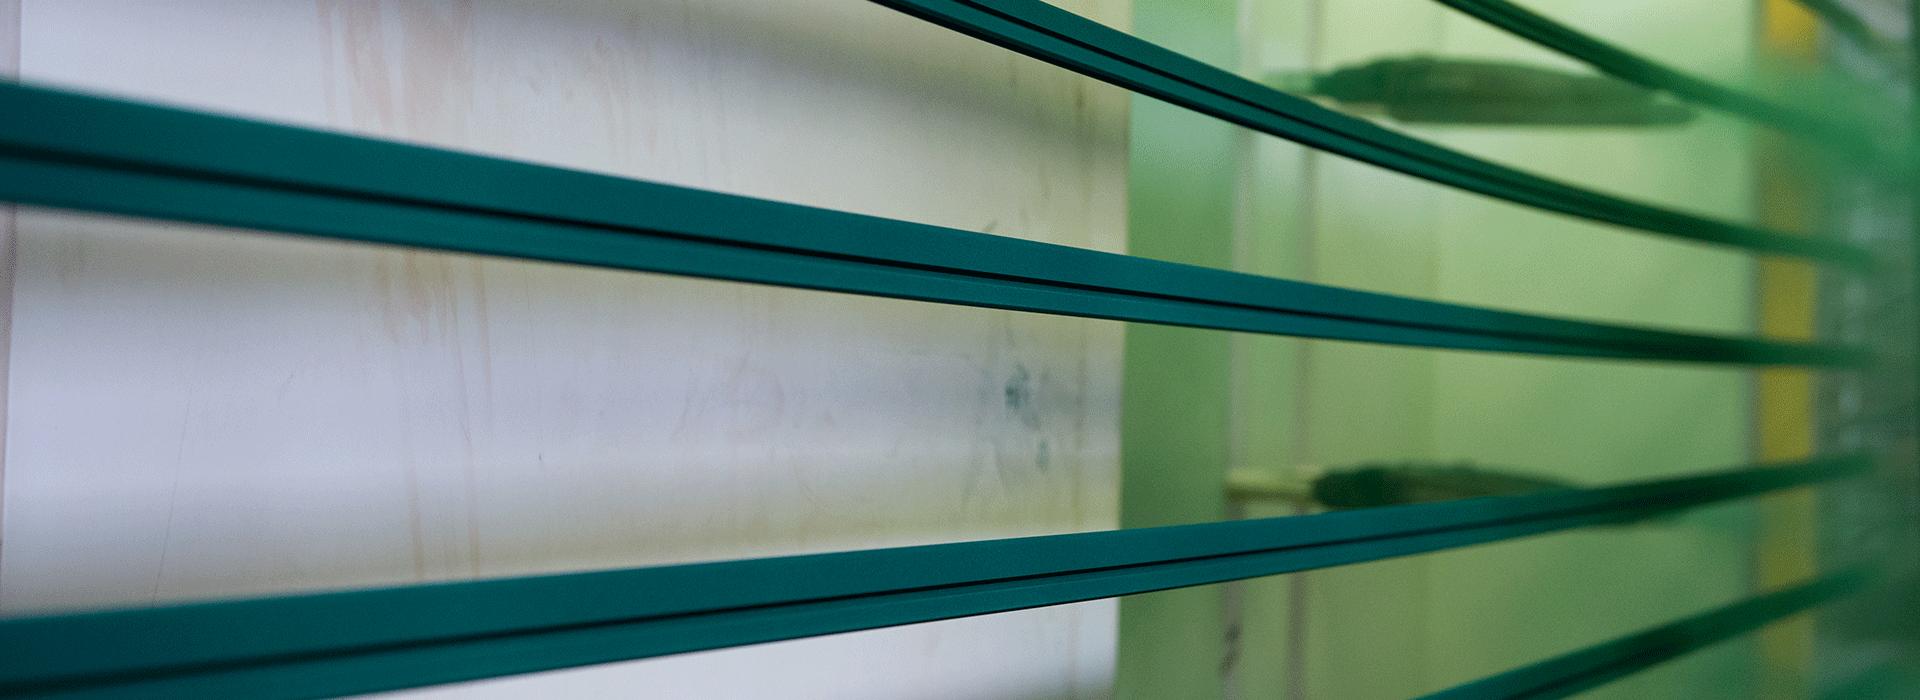 DSC1396-1920x700